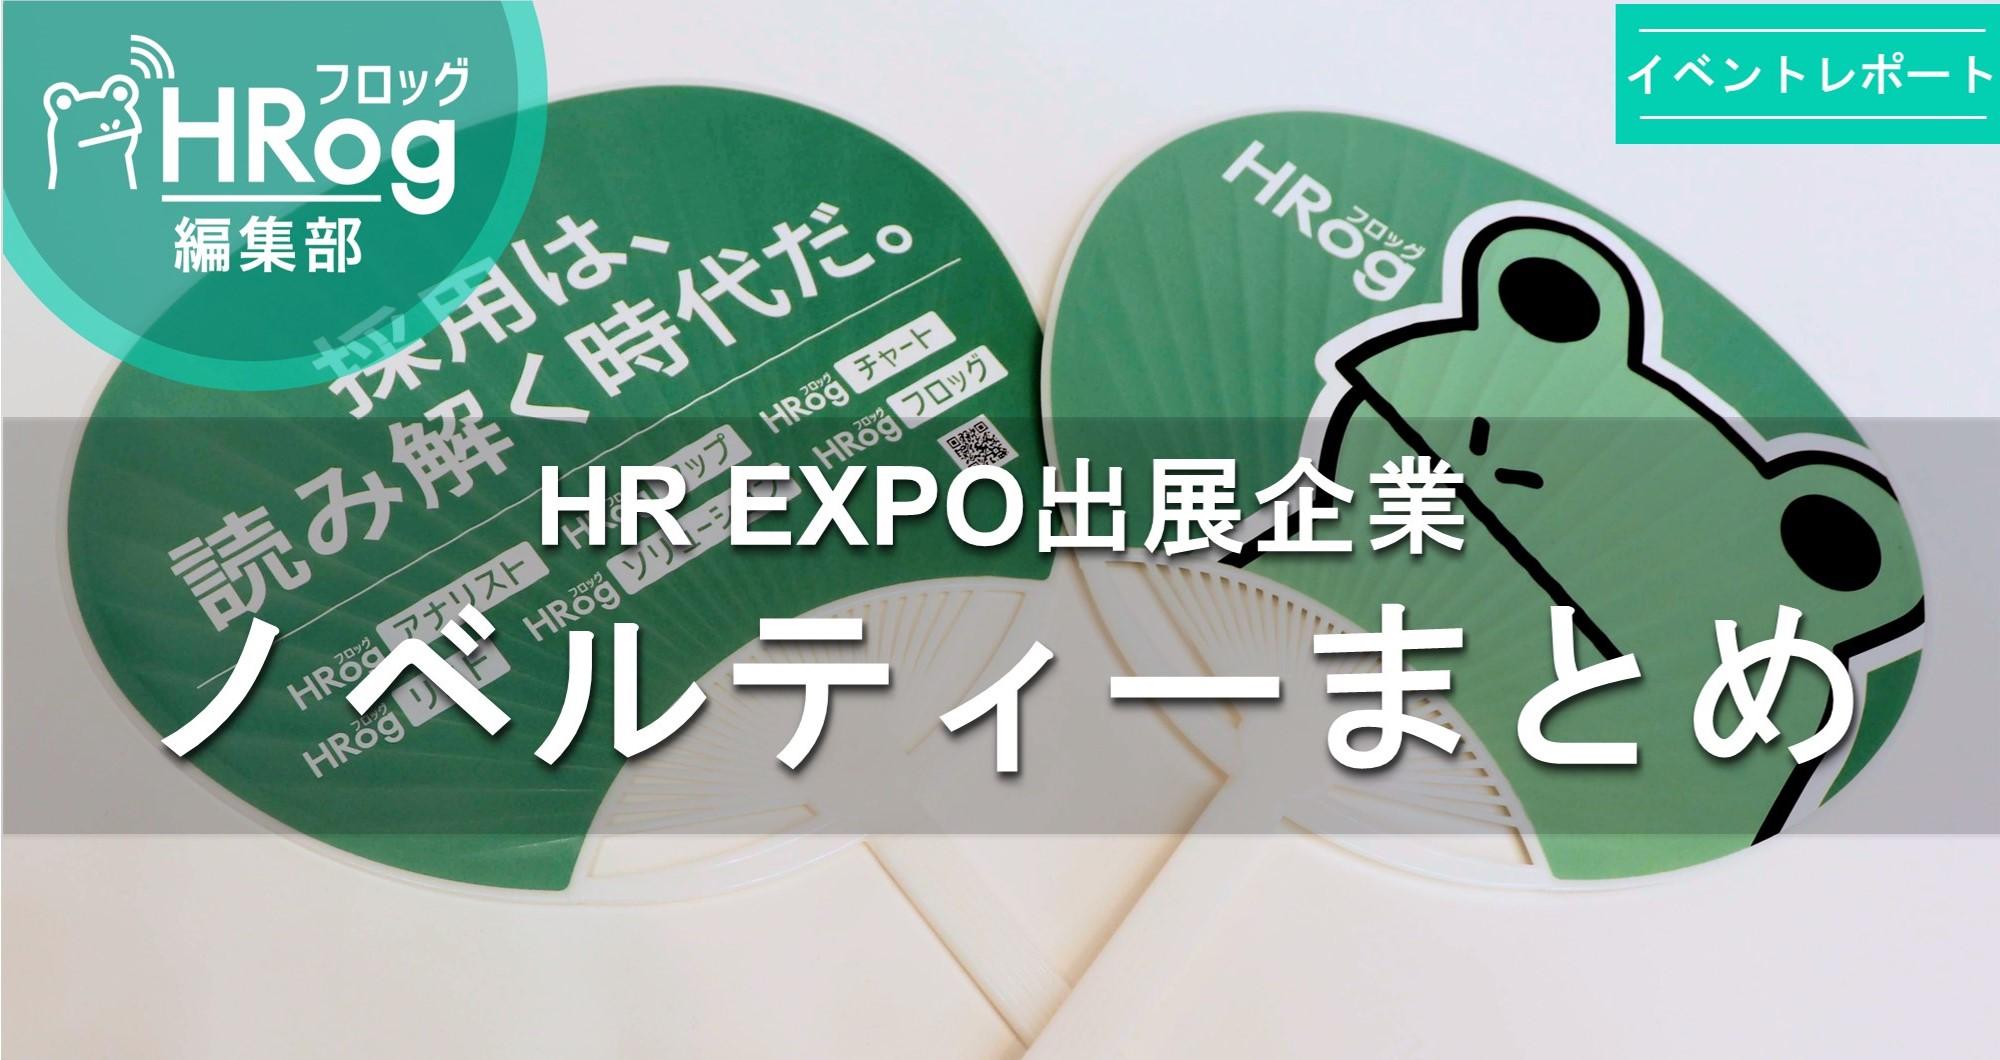 【緊急取材】御社のノベルティーを教えてください@第6回 HR EXPO